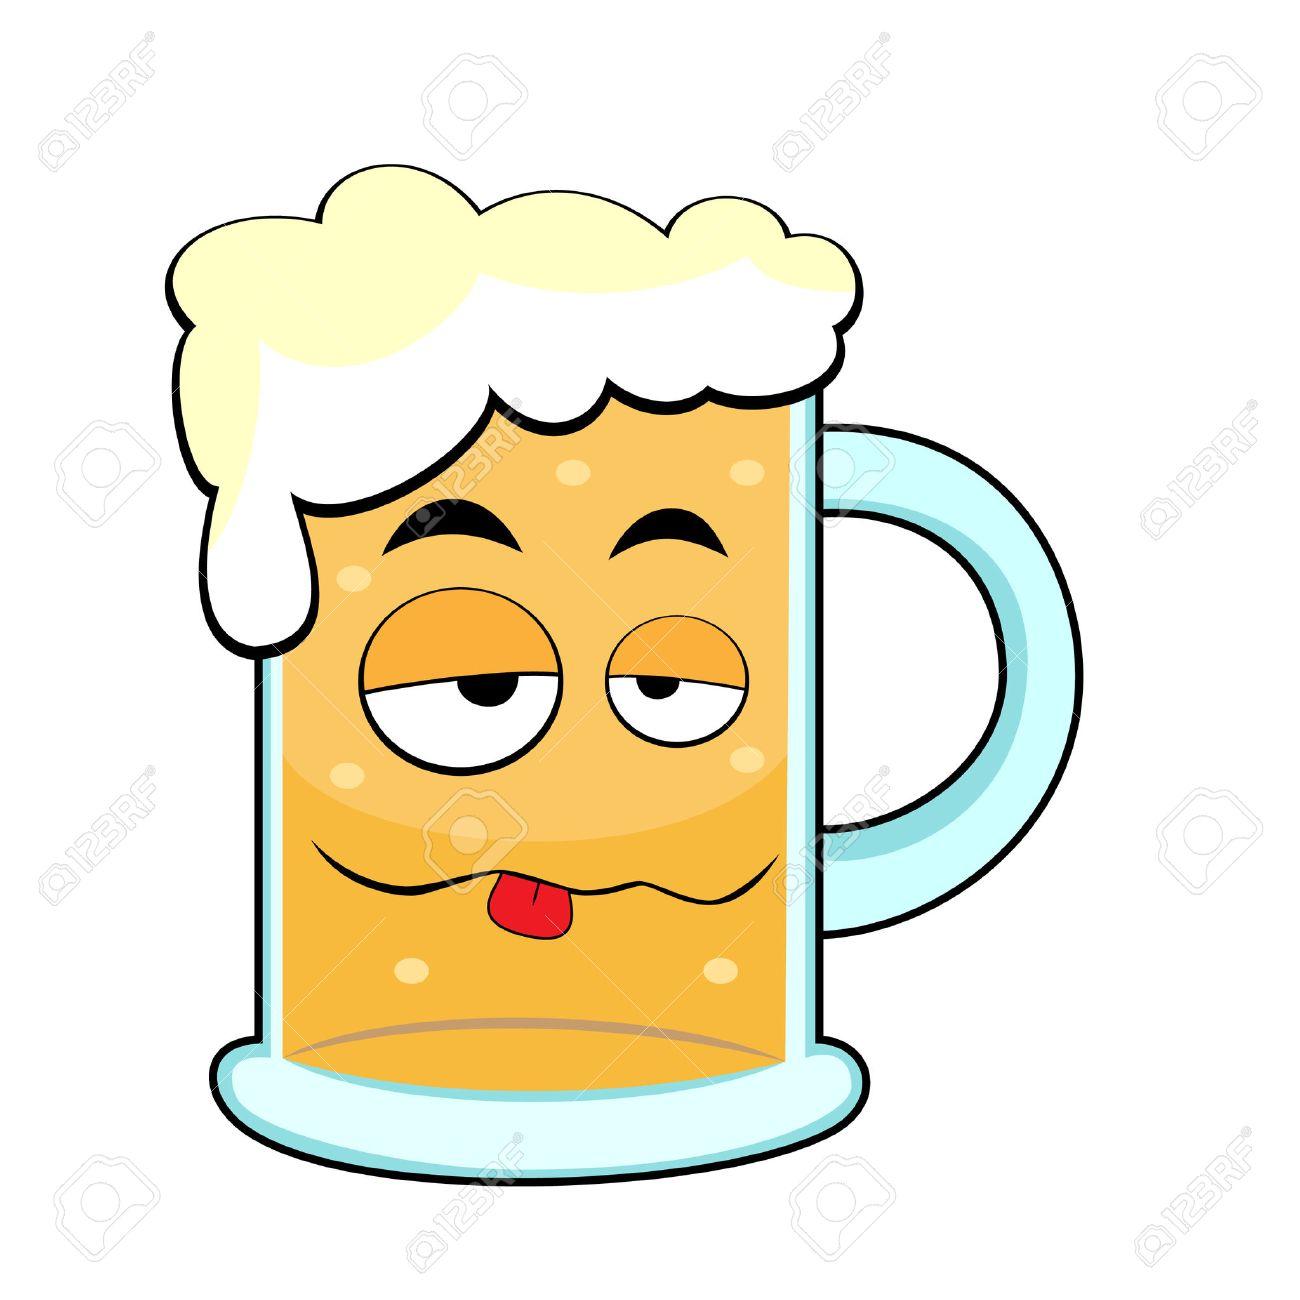 かわいい酔ってビールのジョッキのイラスト素材 ベクタ Image